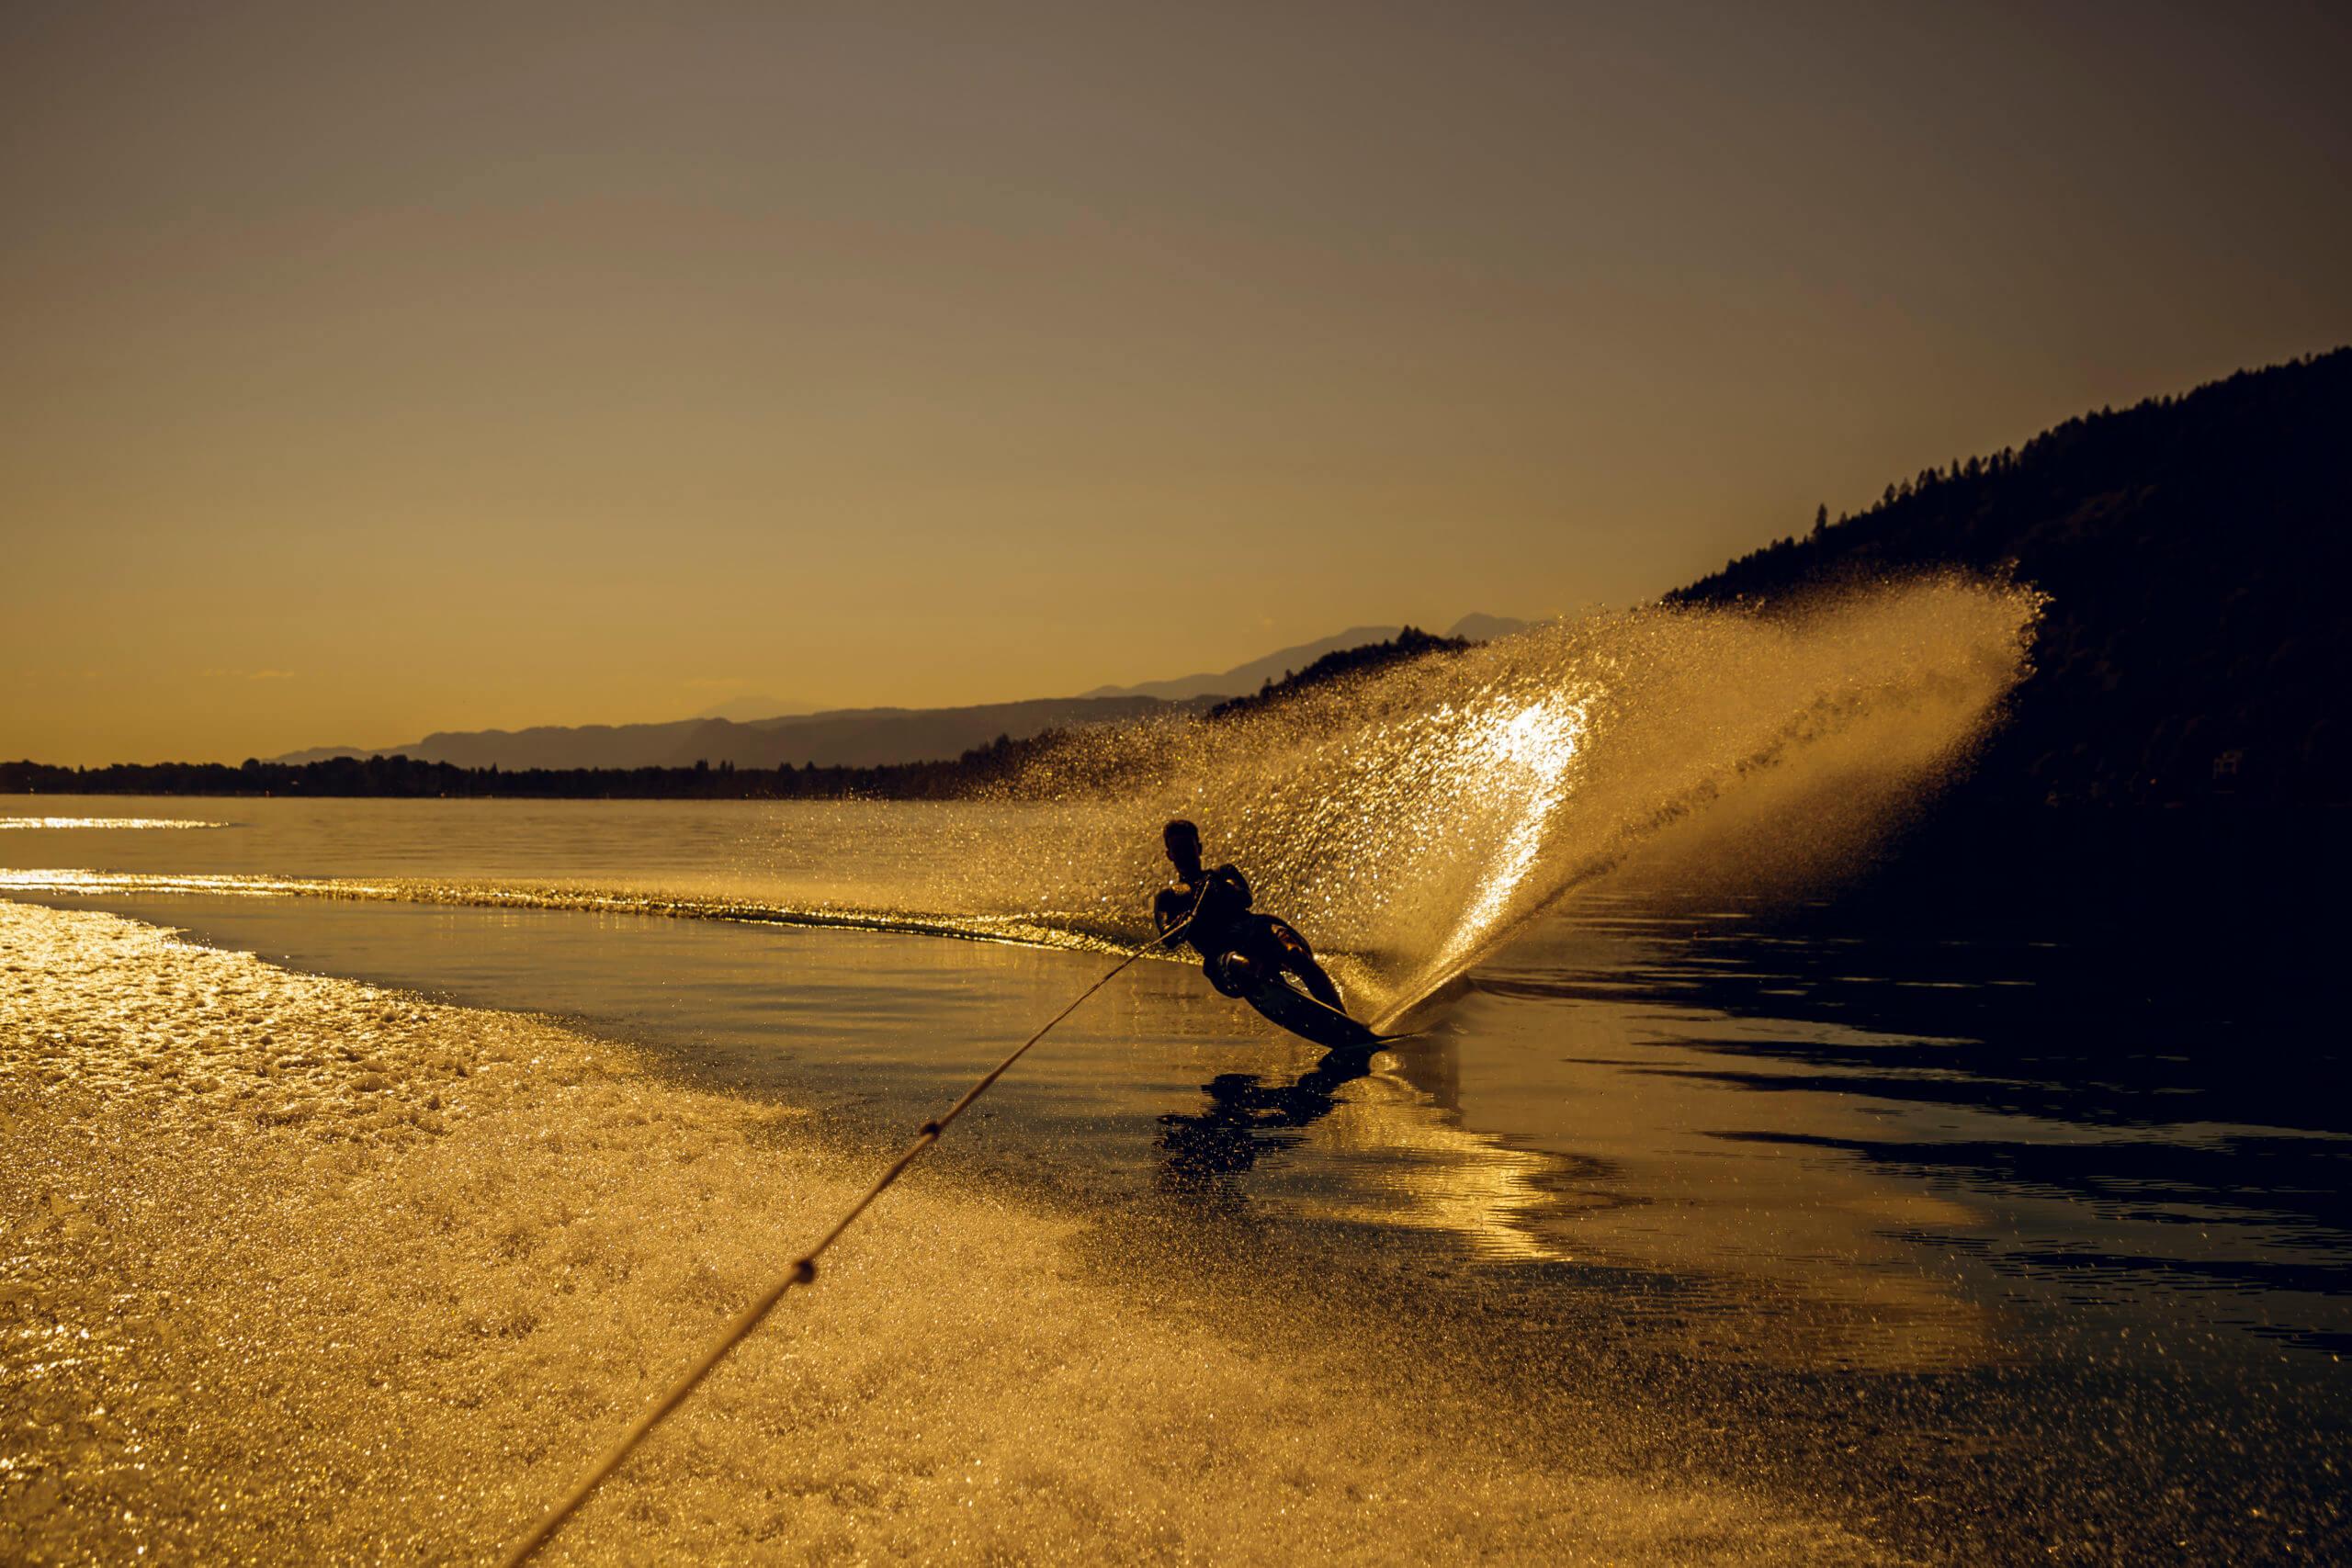 Monoskifahrer im Sonnenuntergang am Wörthersee